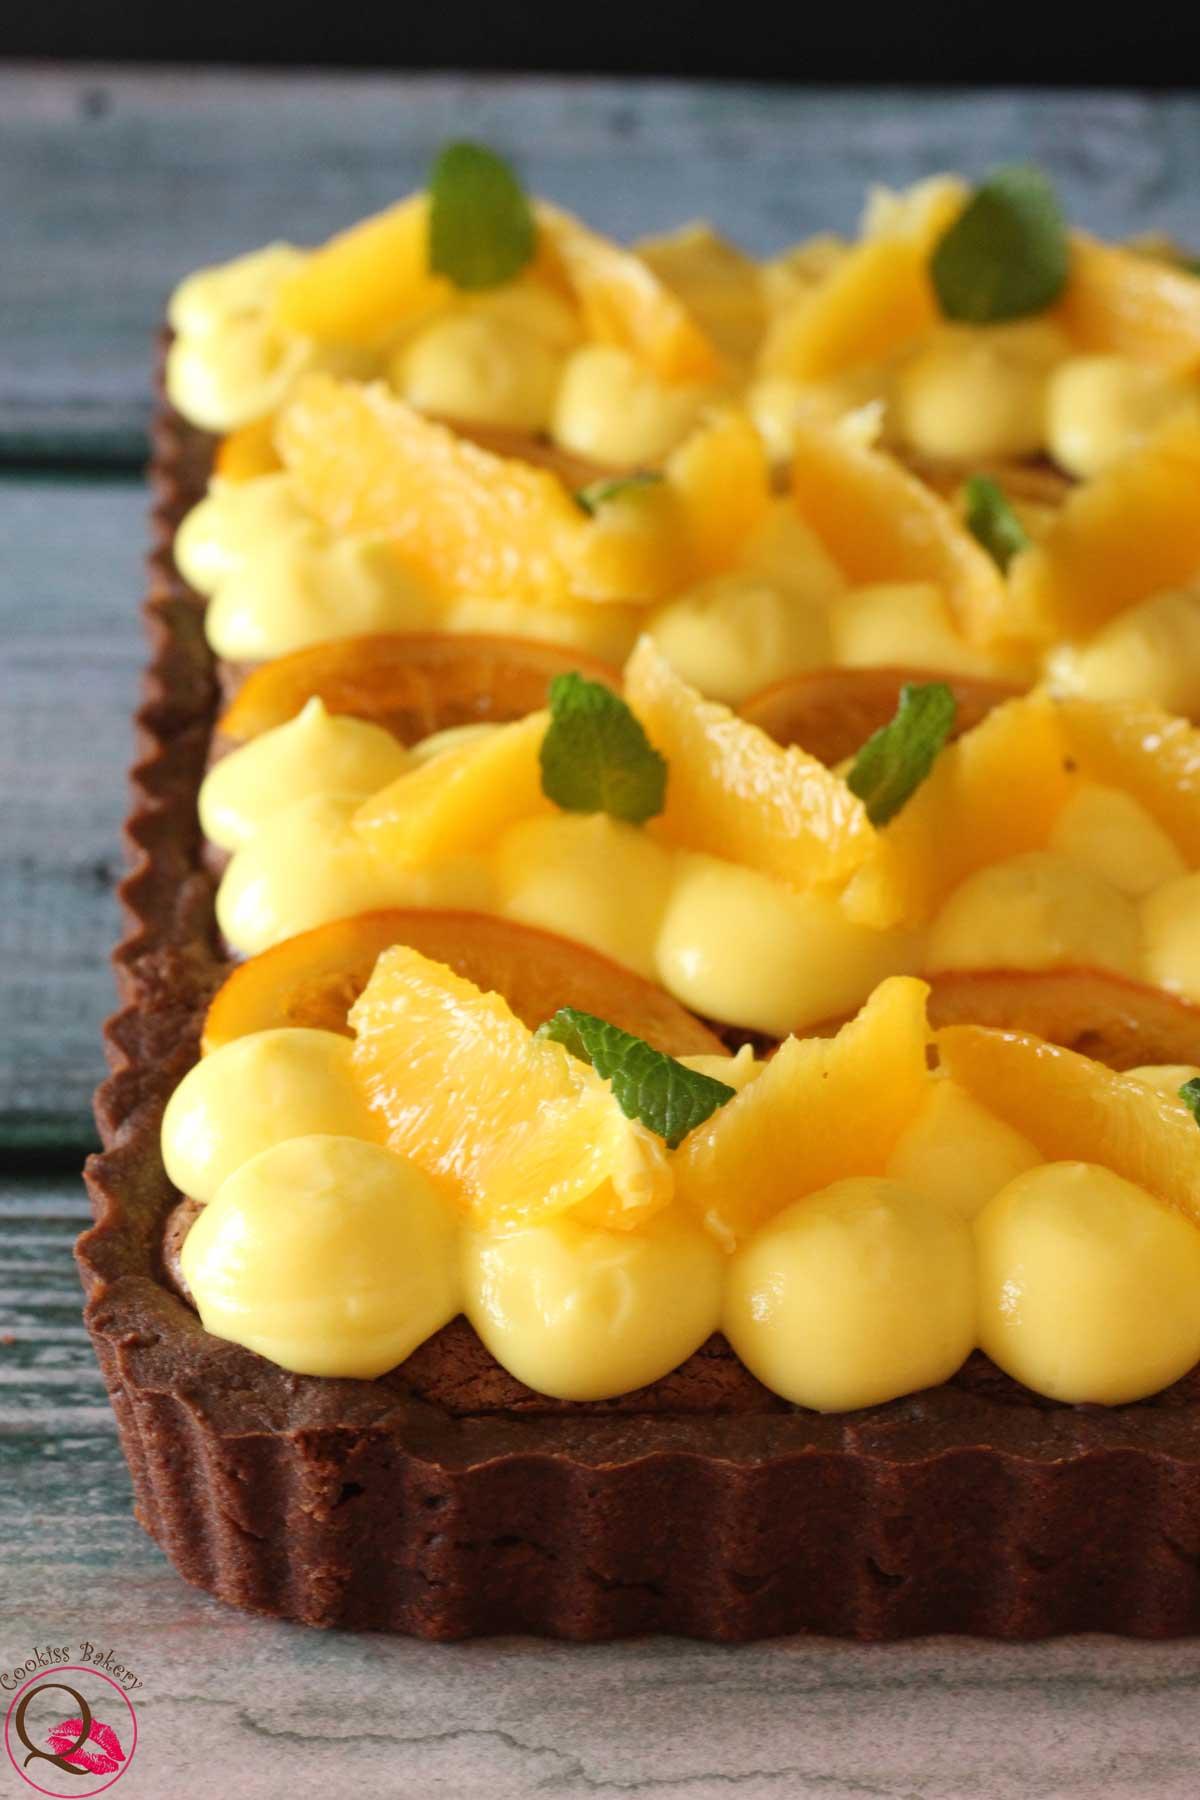 Crostata frangipane al cioccolato con arance caramellate particolare